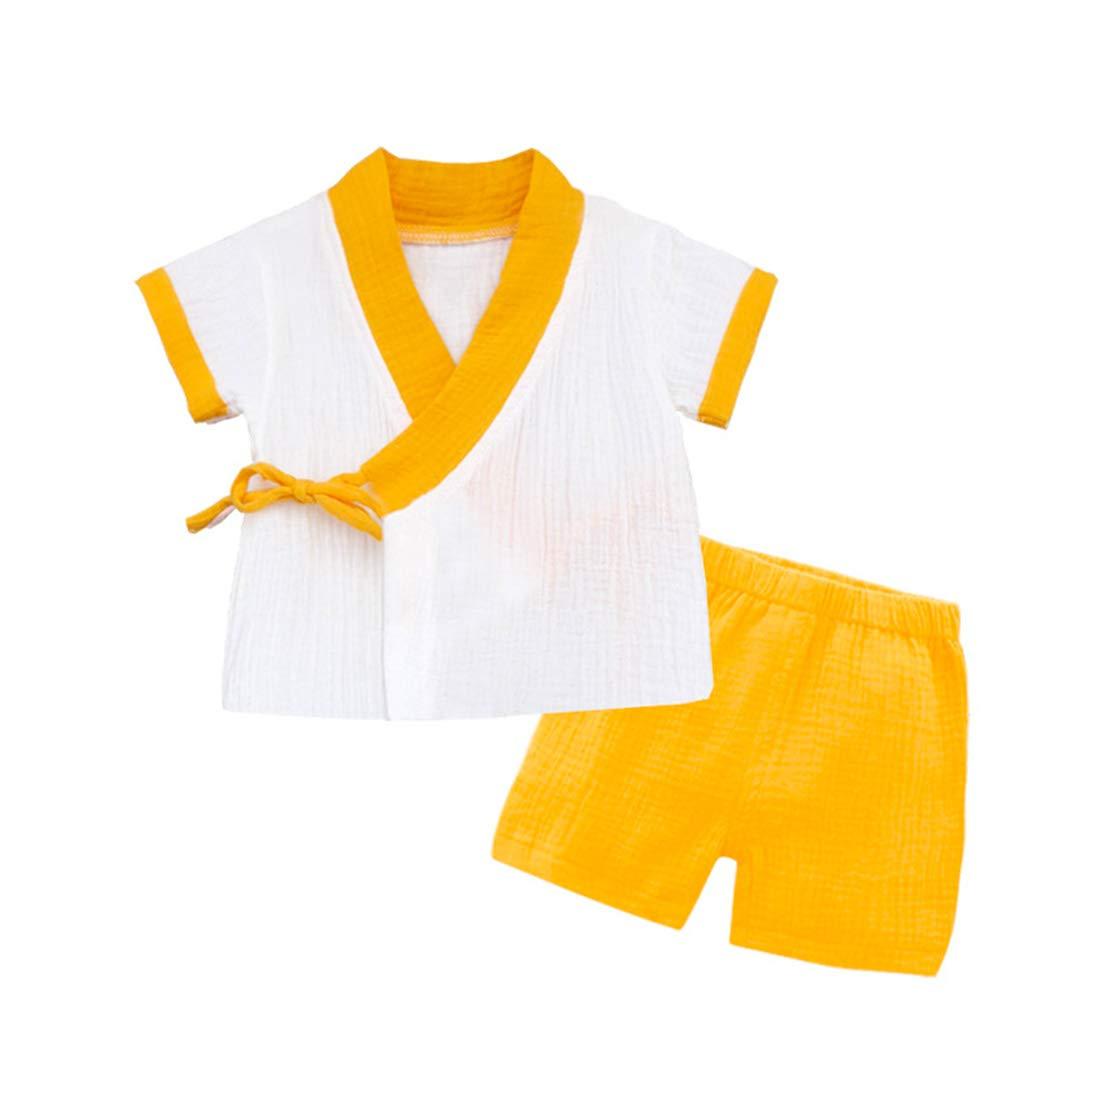 Wickelhemd PAUBOLI Baby Kimono Bademantel f/ür Neugeborene Biobaumwolle